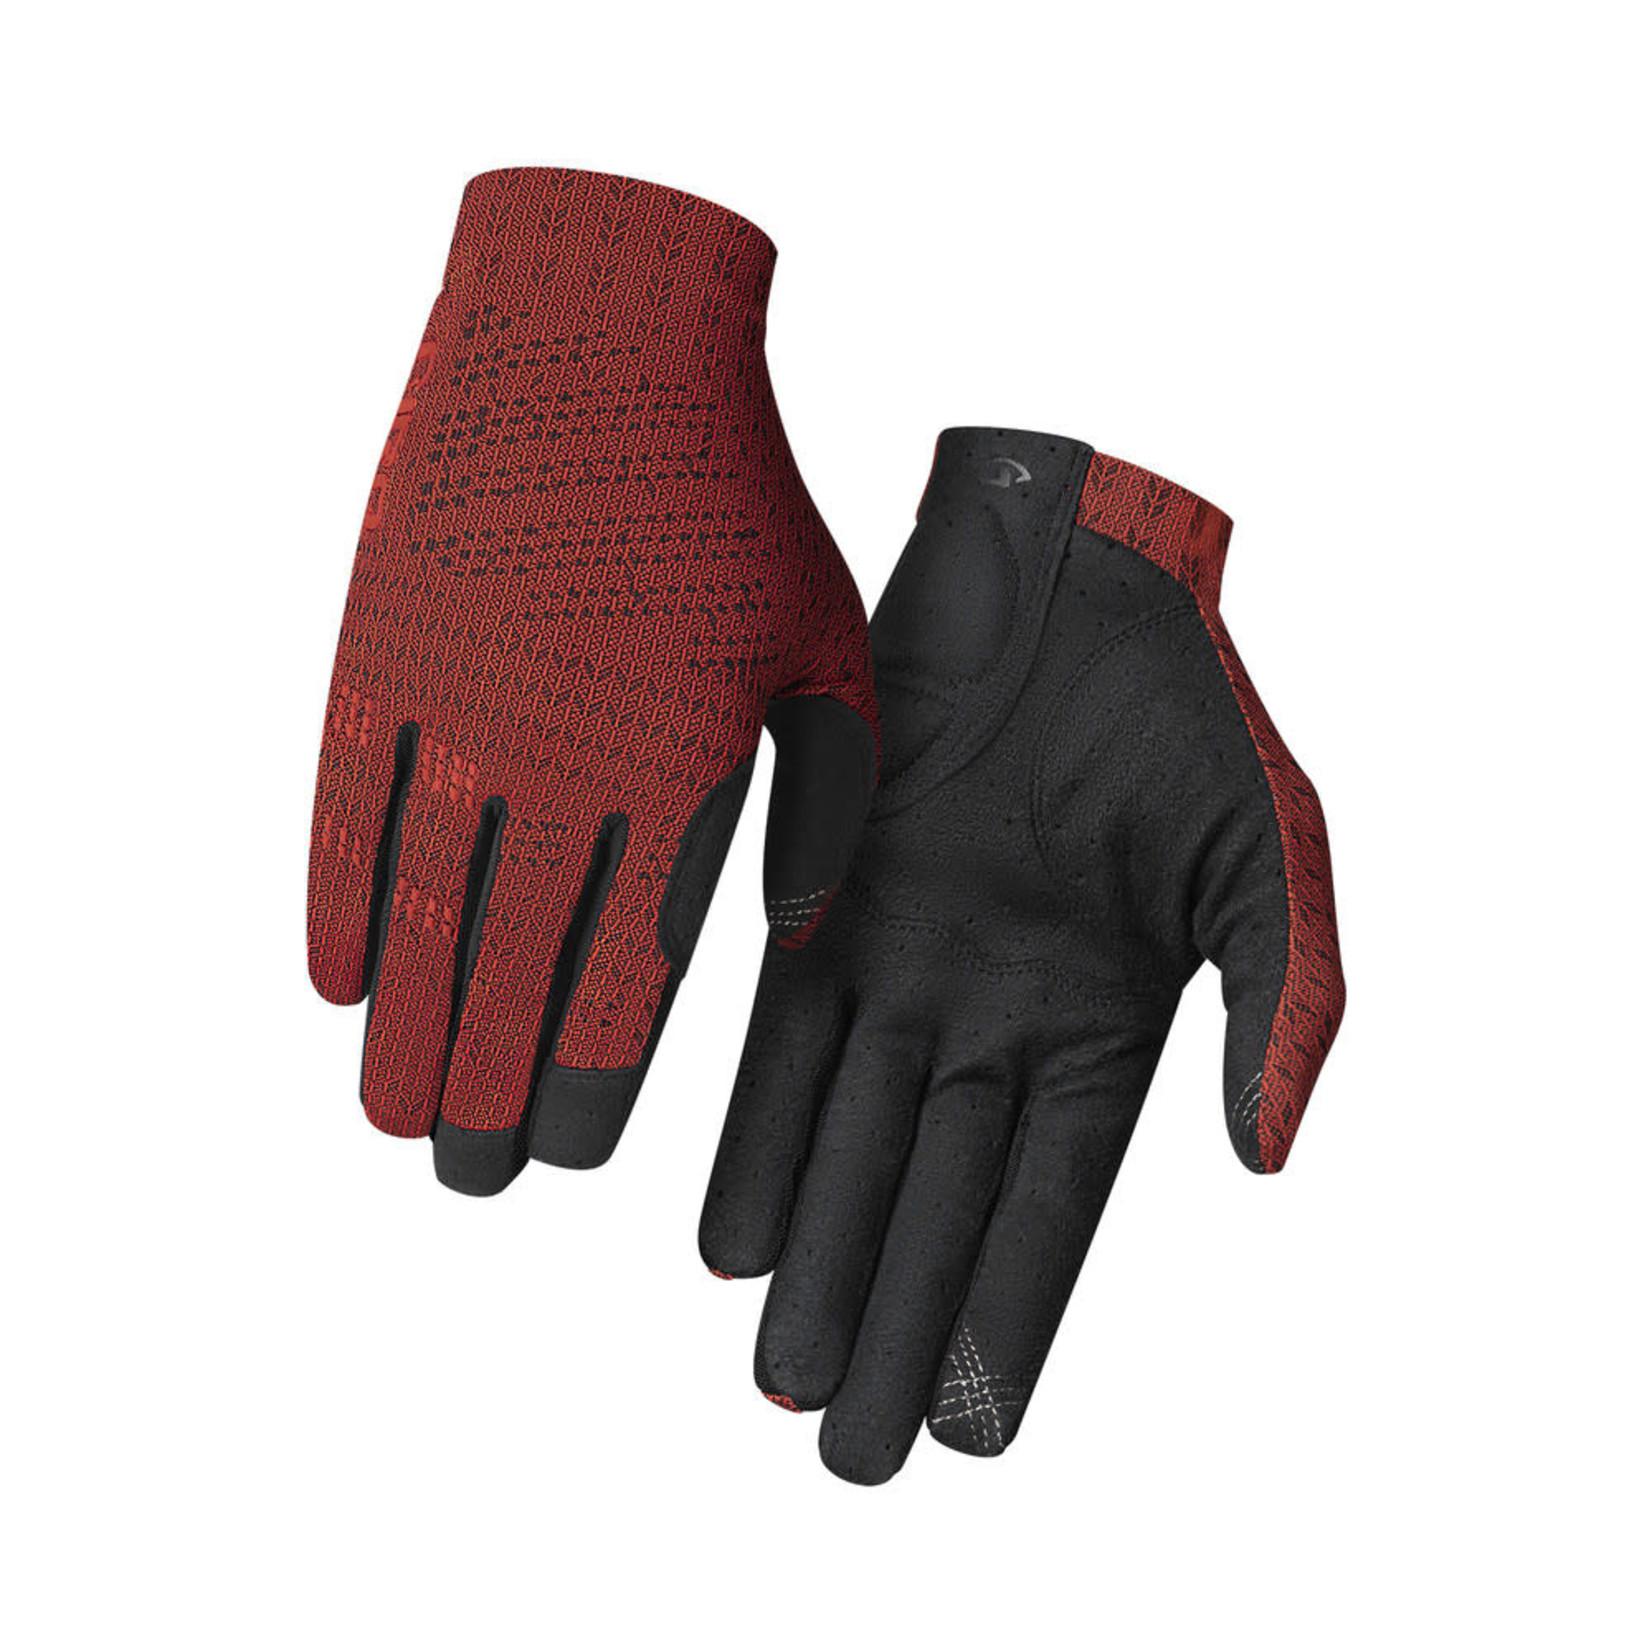 Giro Giro Xnetic Trail Glove Men's